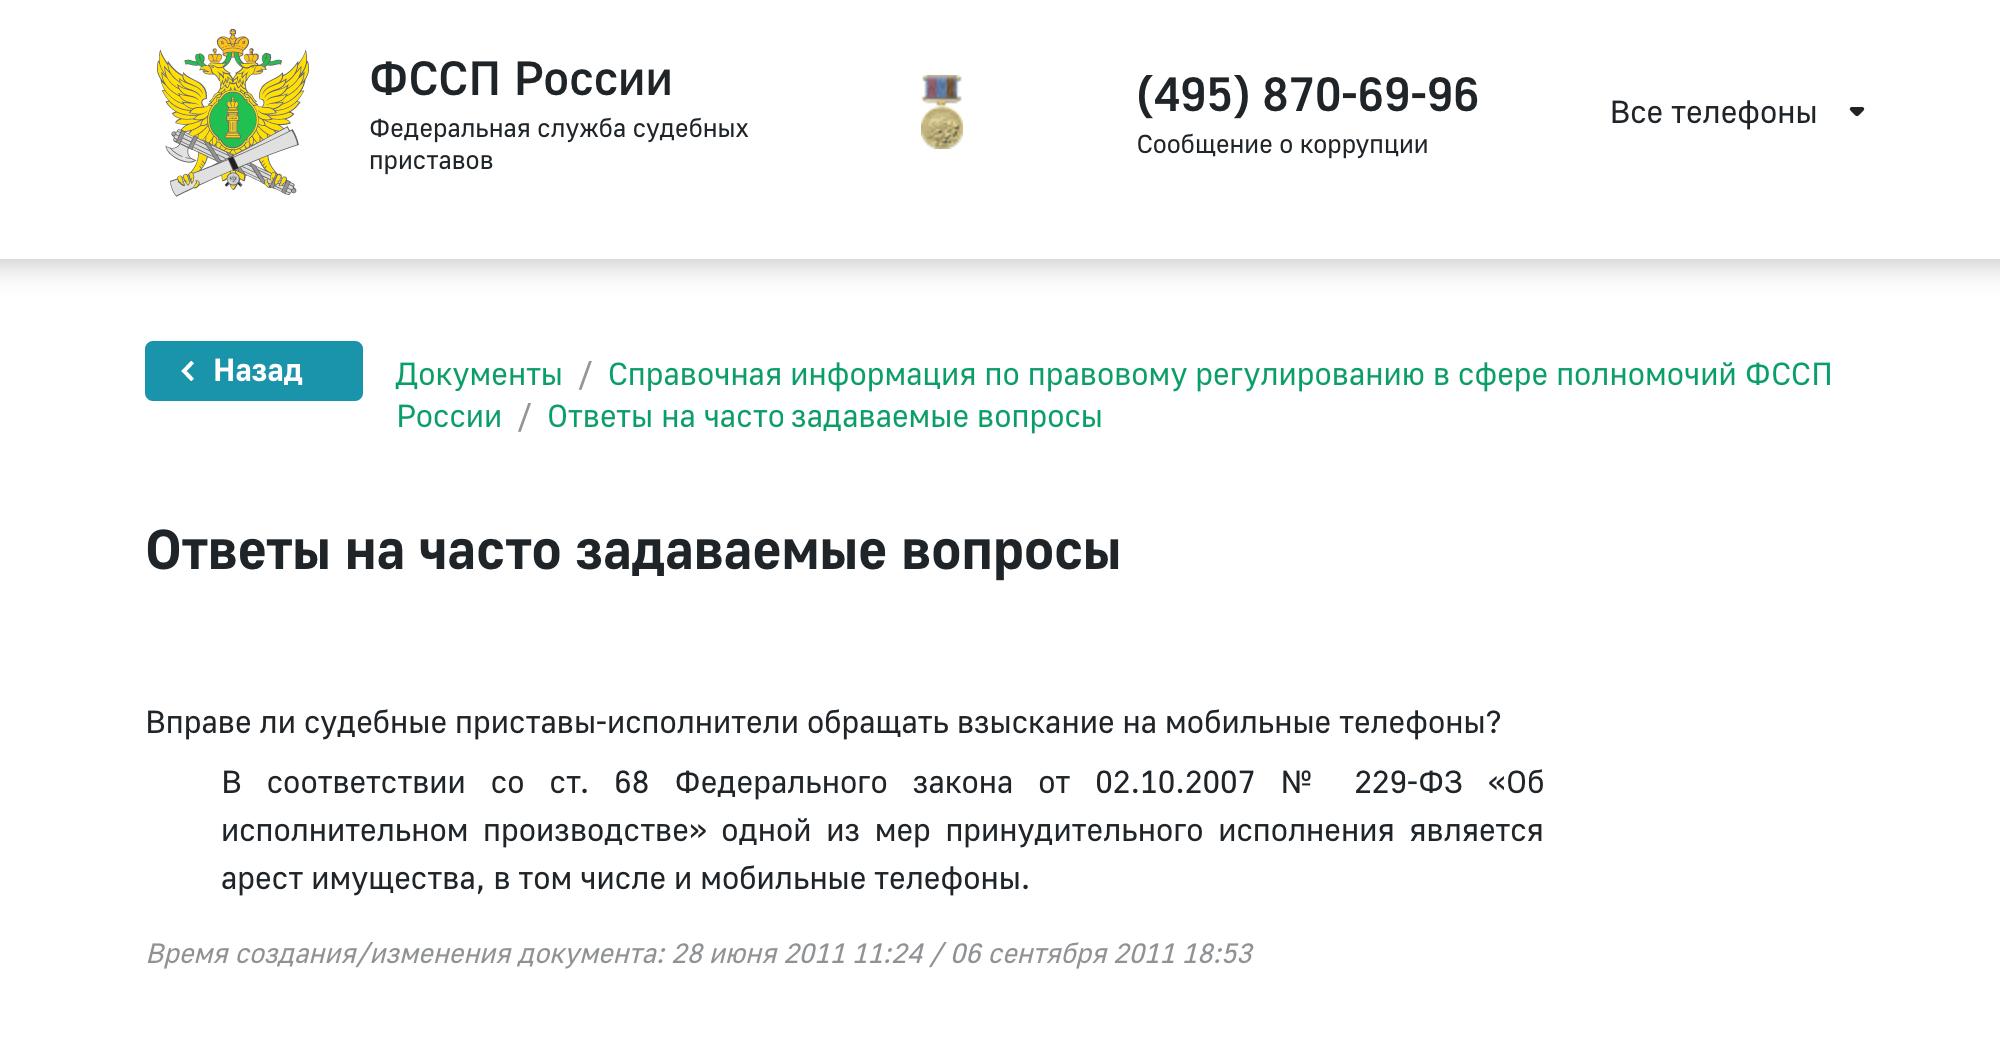 «Телефон могут забрать», — отвечают приставы на сайте ФССП{amp}amp;nbsp;РФ